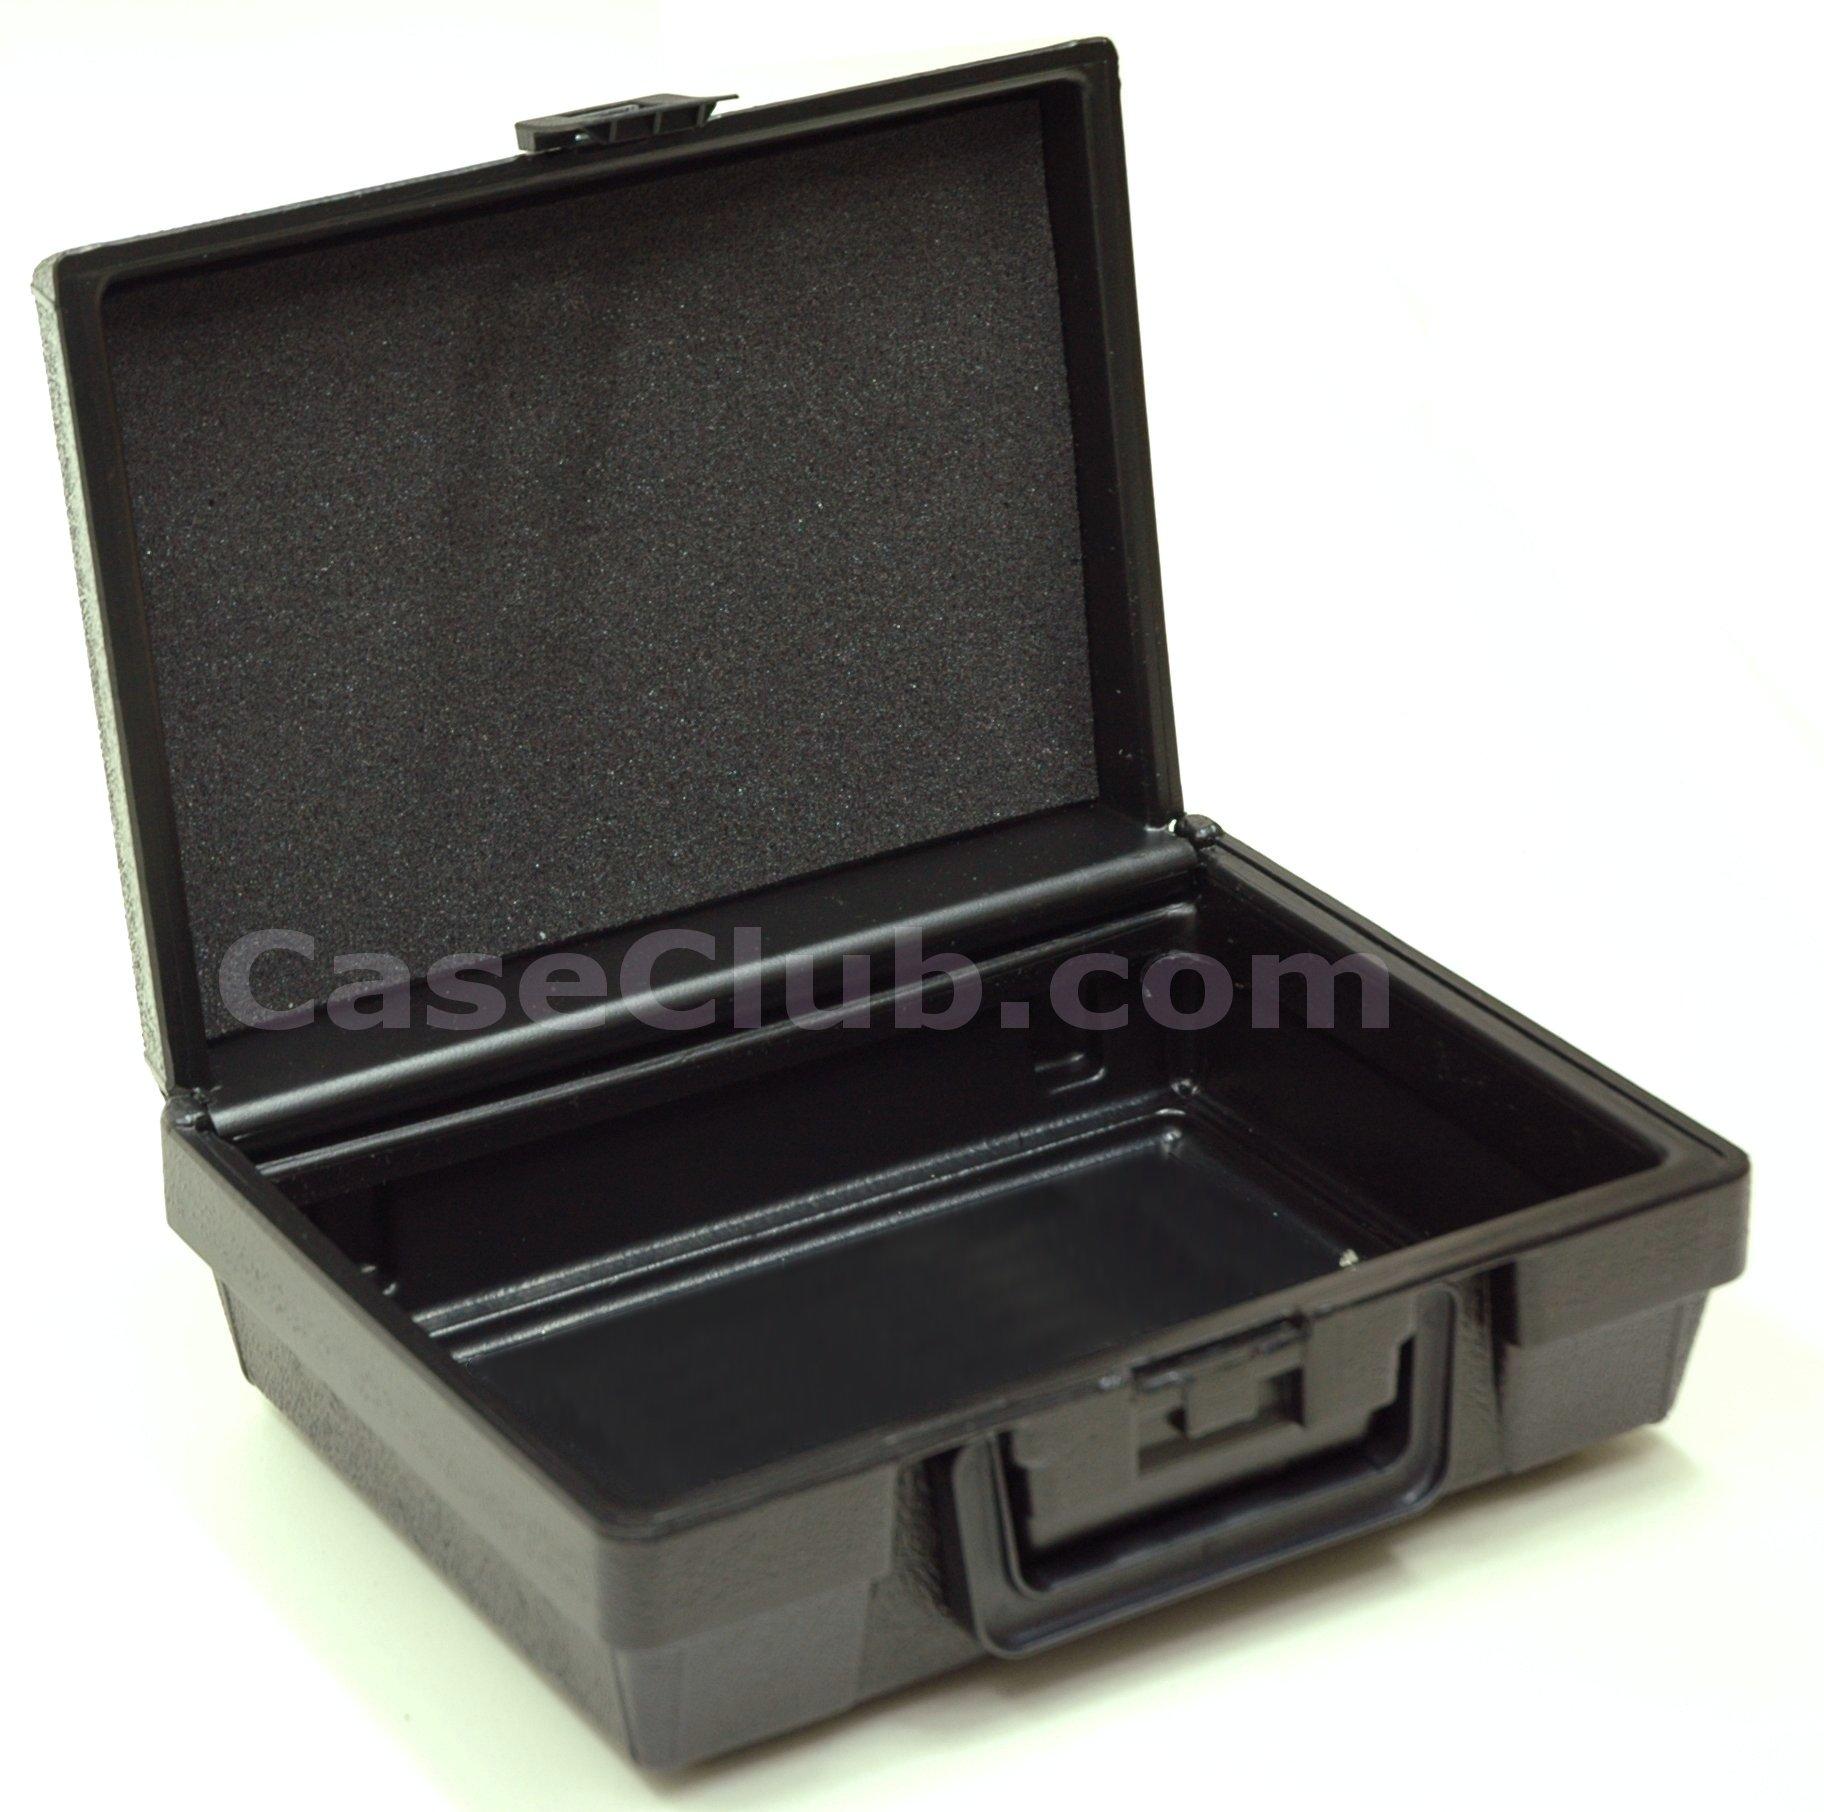 W10x7.5x3.75 Case